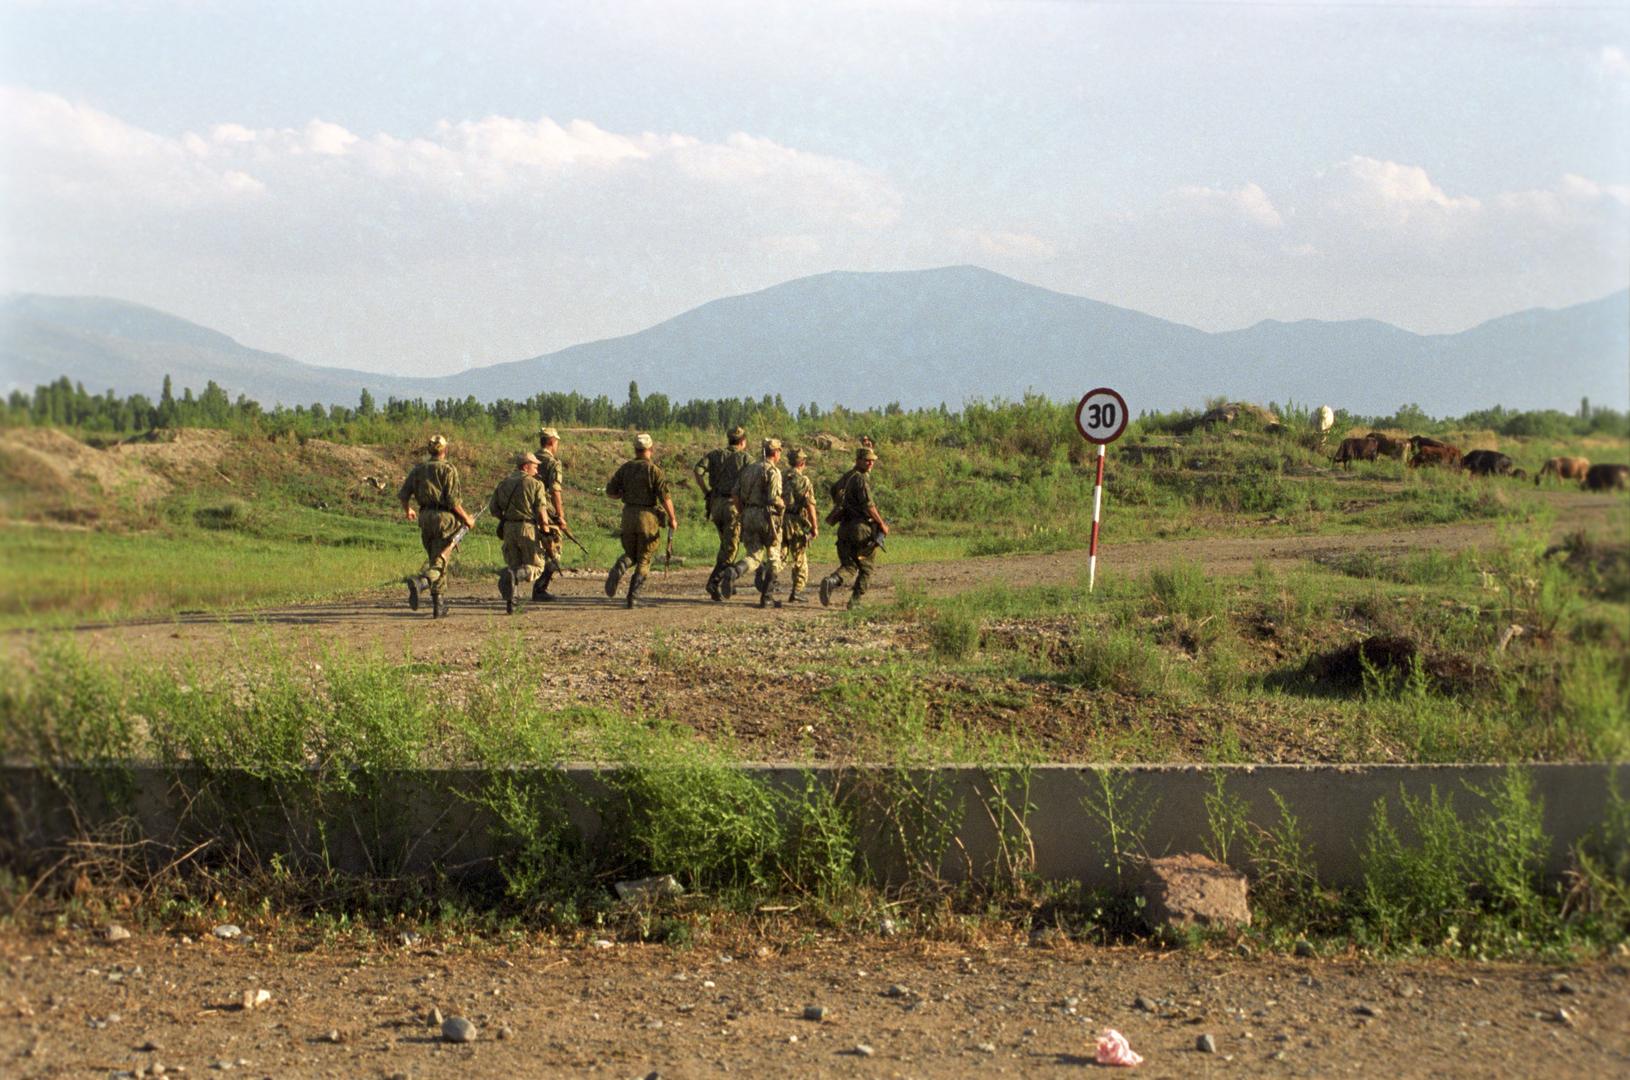 روسيا تنفي مقتل عناصر من حرسها الحدودي في أرمينيا بضربات أذربيجانية